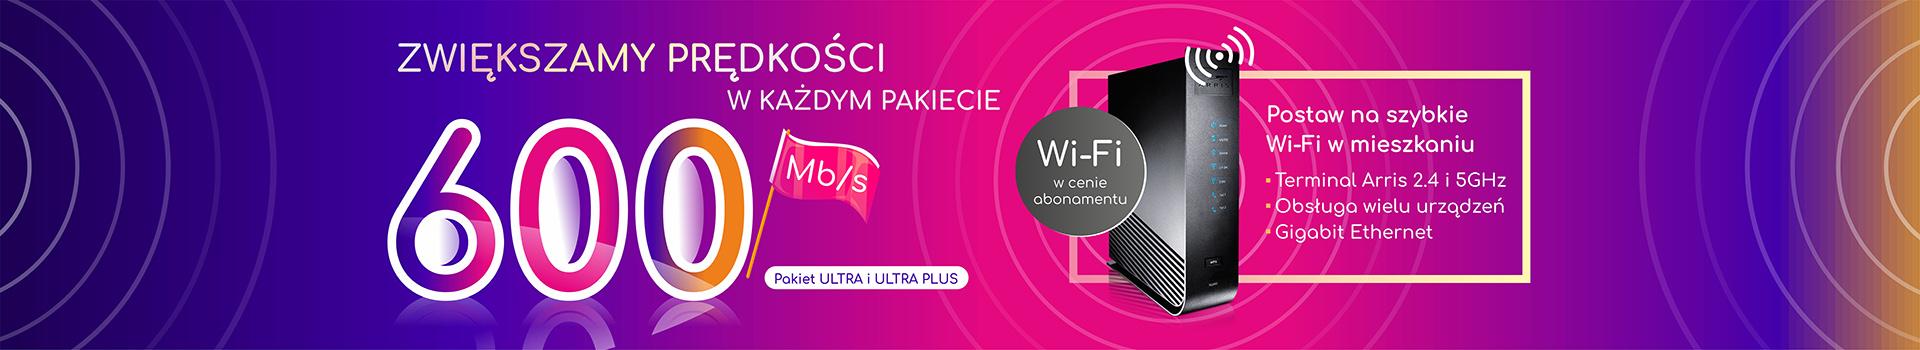 Superszybki internet Częstochowa Tysiąclecie